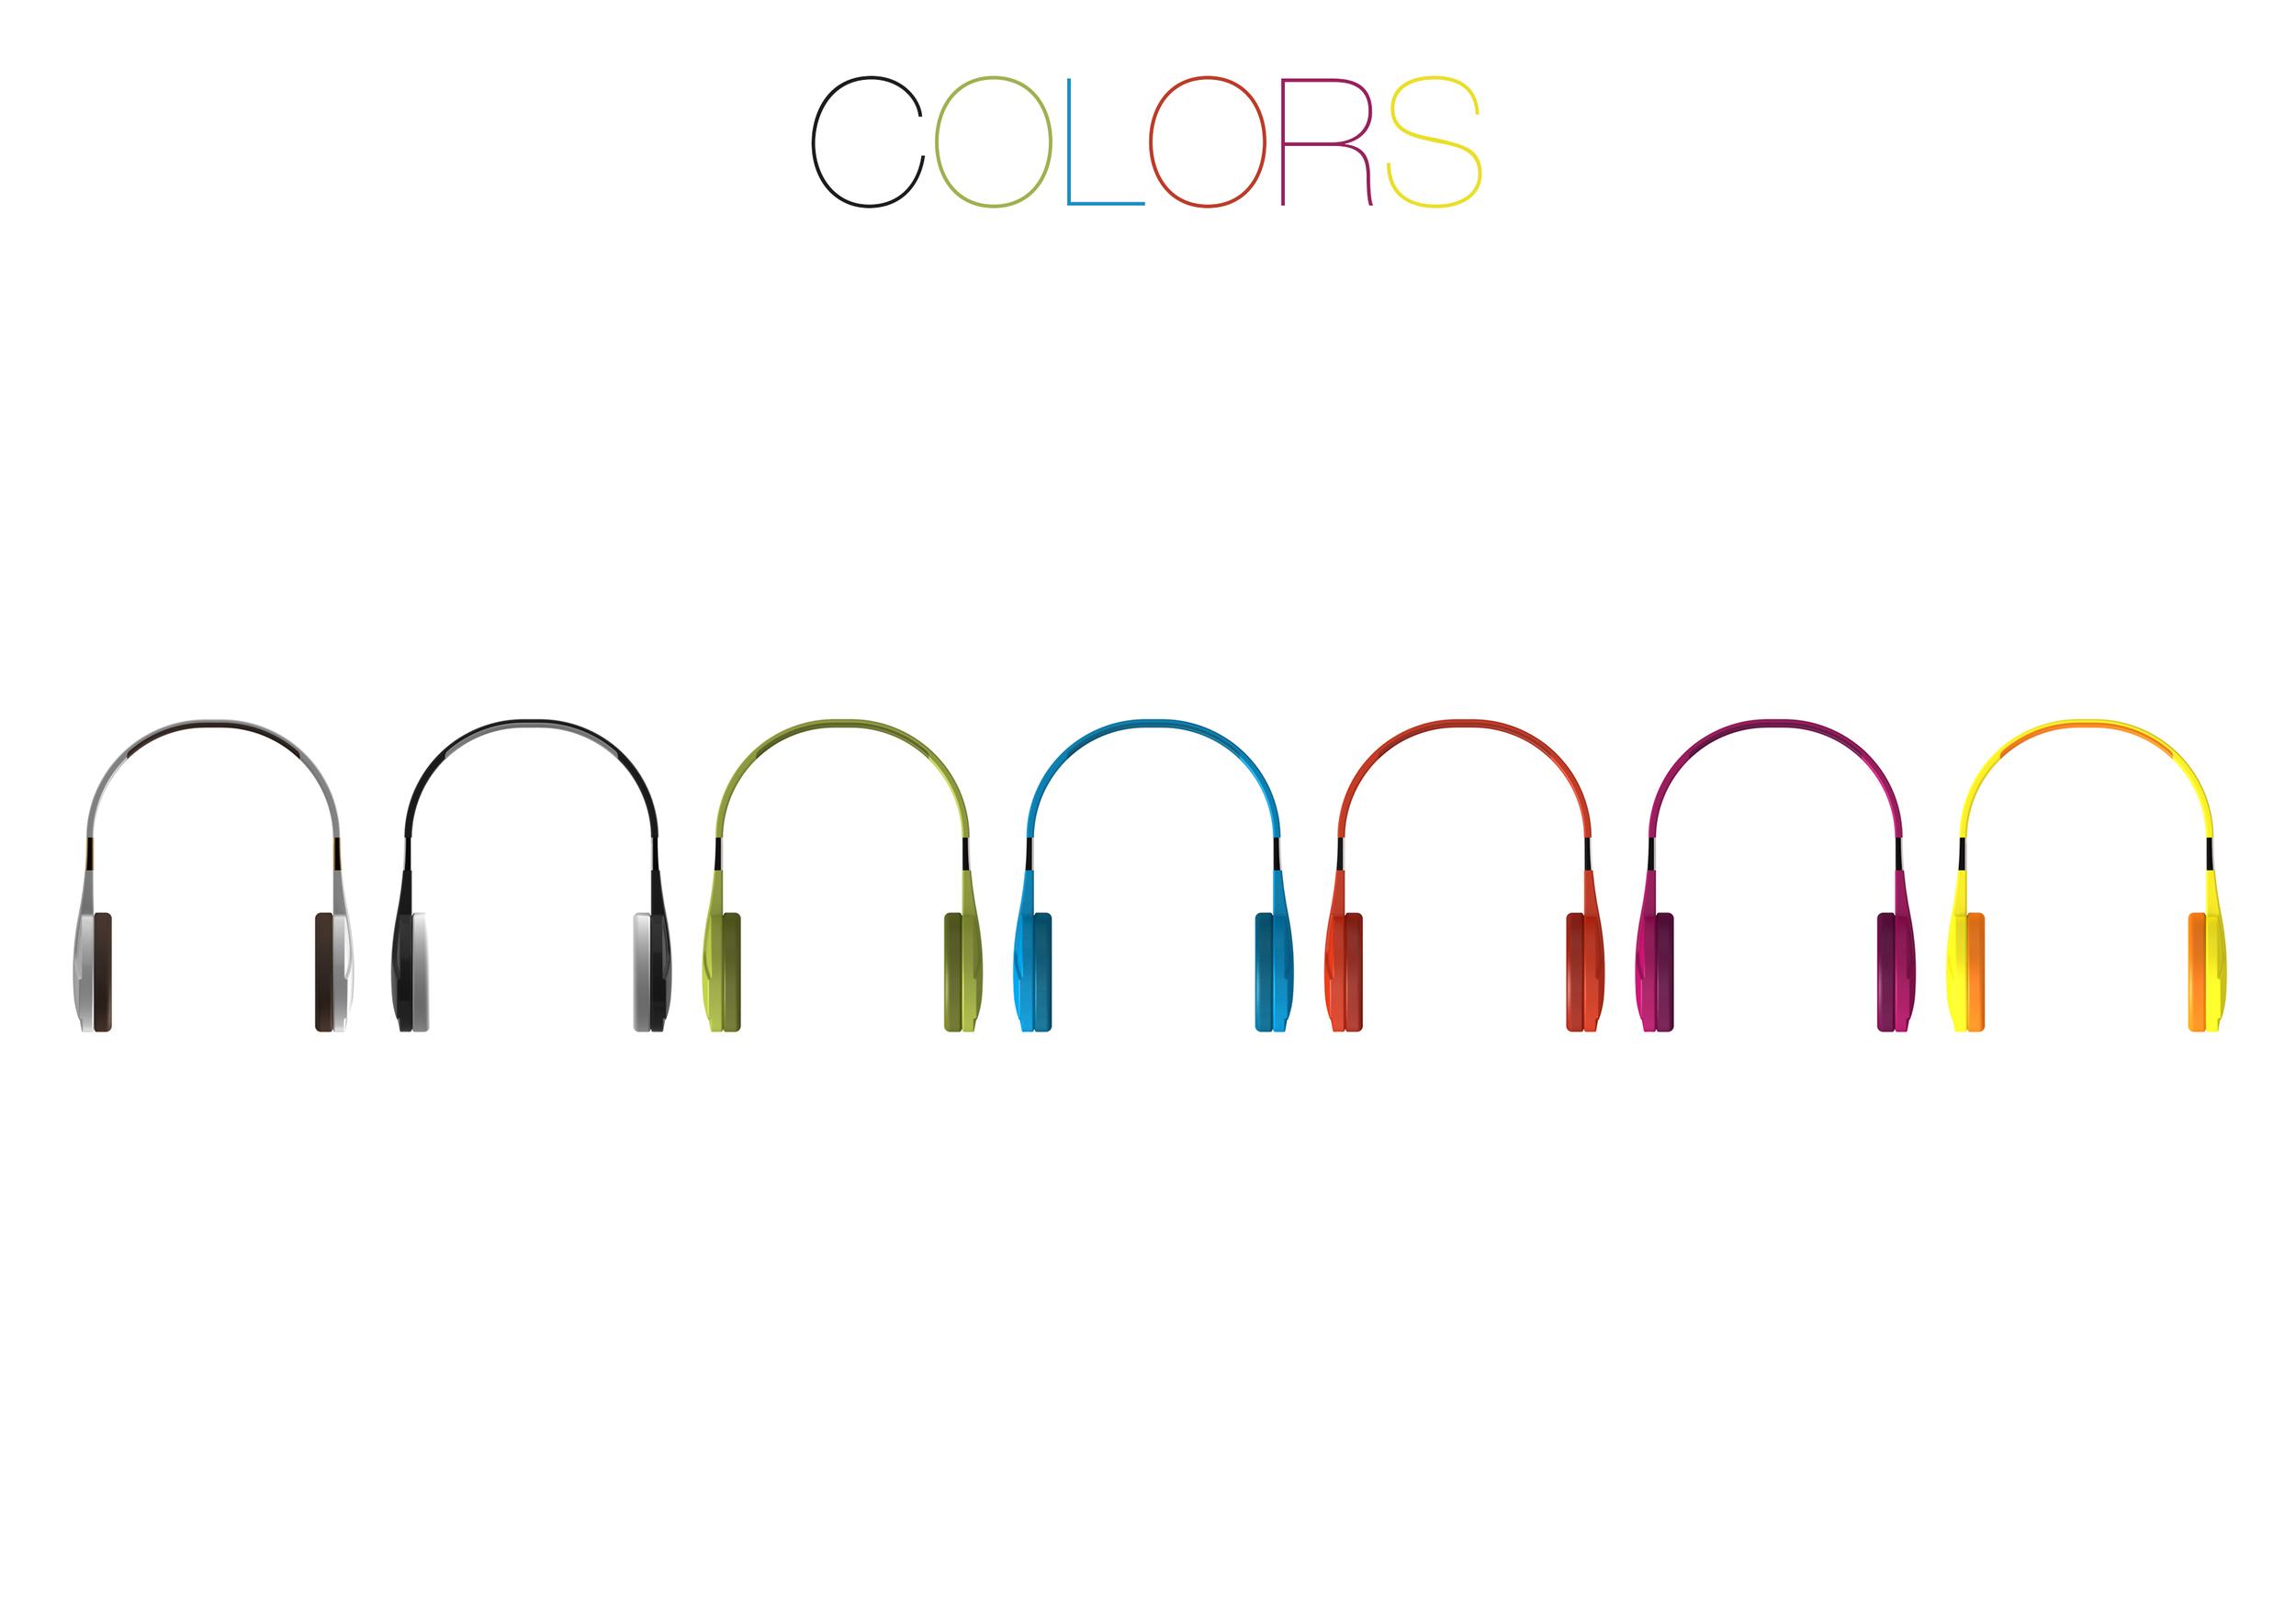 Yamaha01 by AGGO-007_colors.jpg